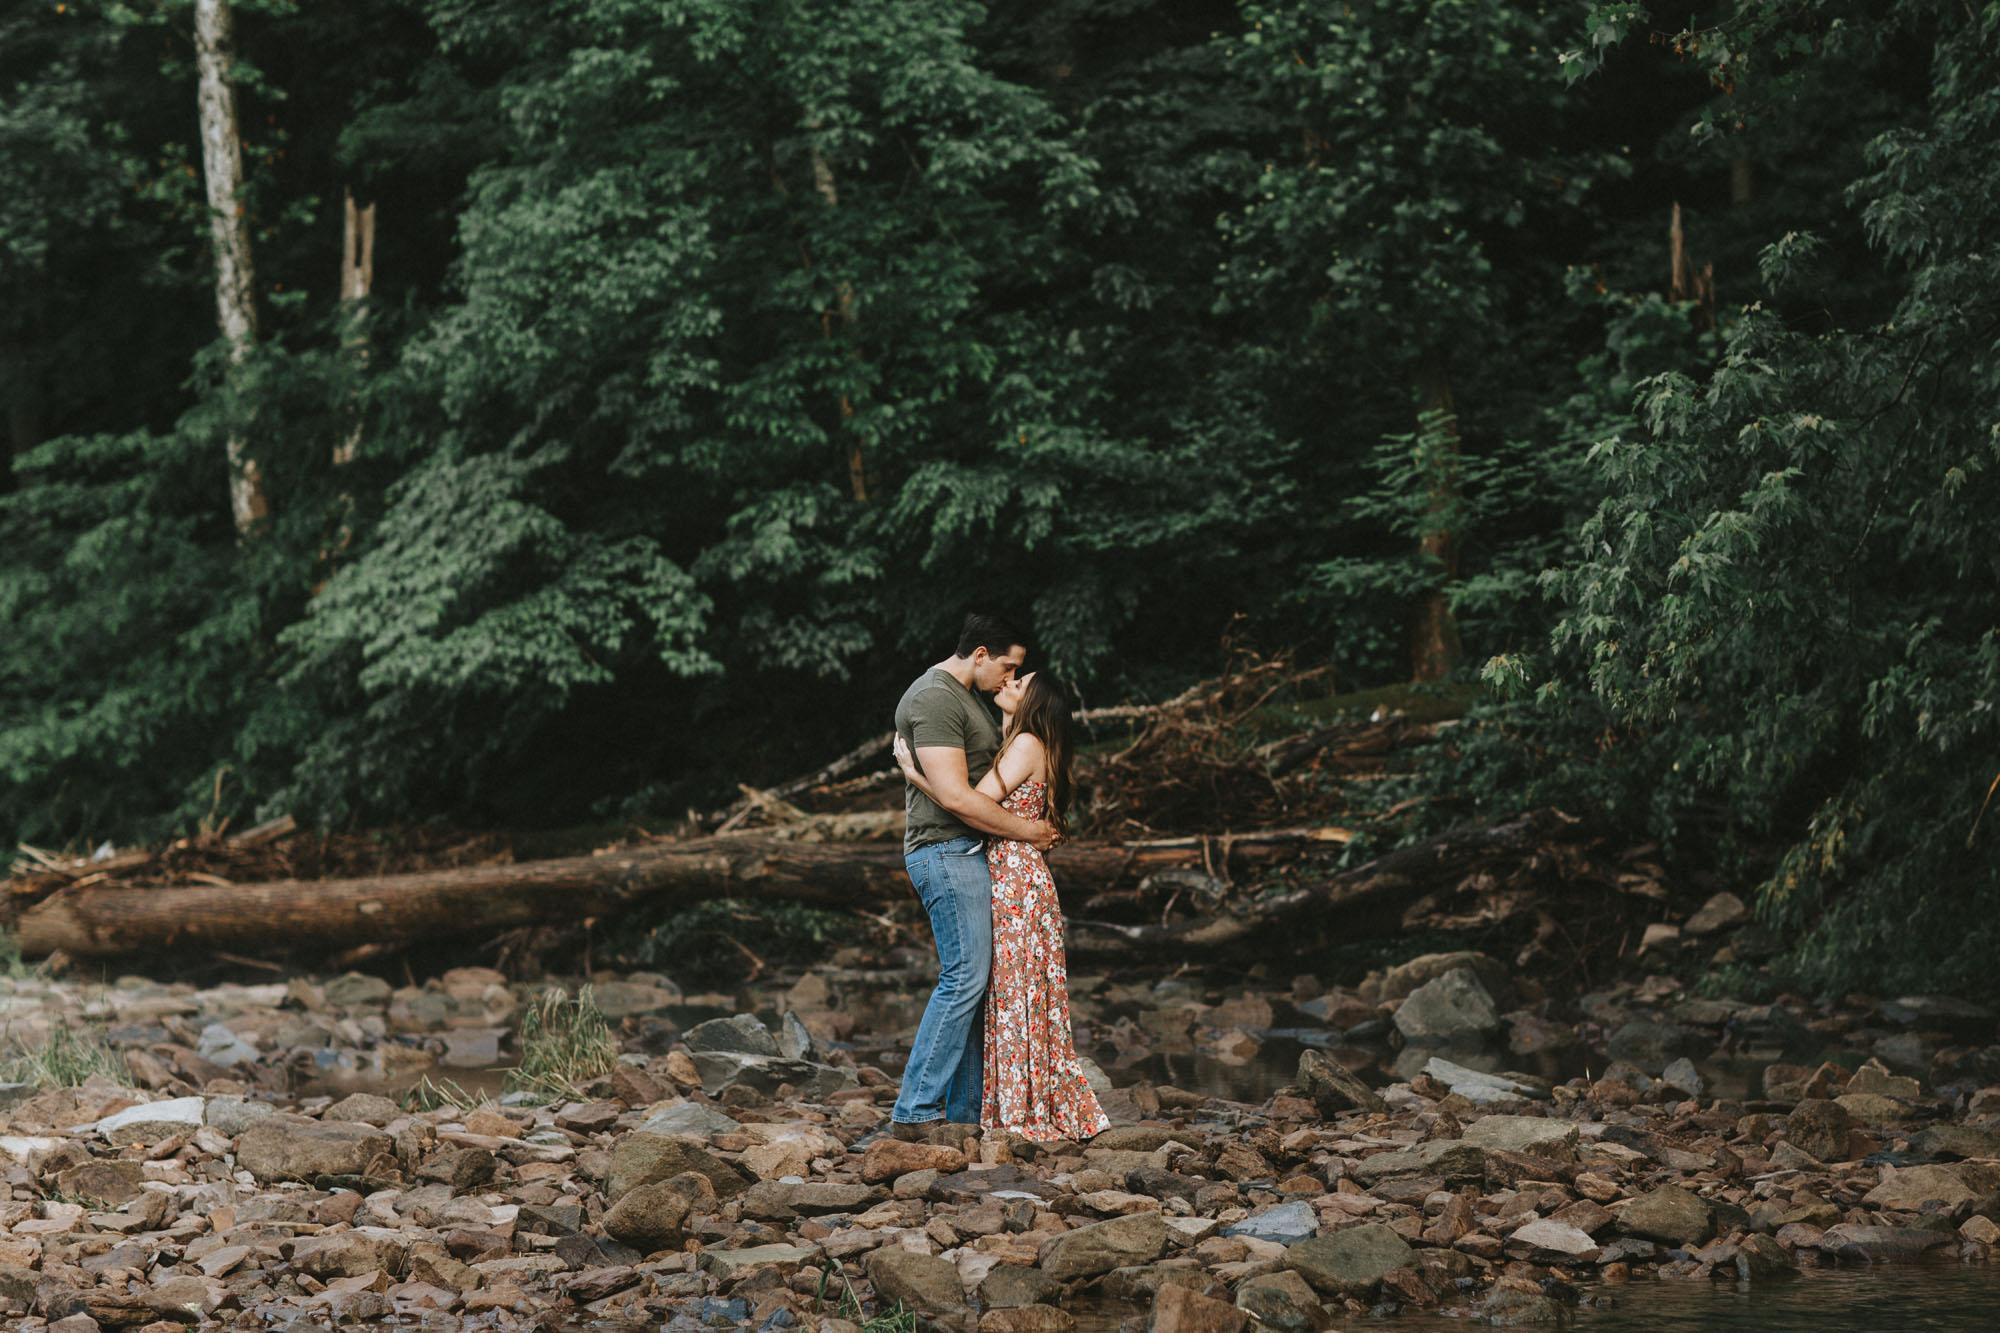 Twisted-Oaks-Studio-Tyler-Park-Engagement-9679.jpg